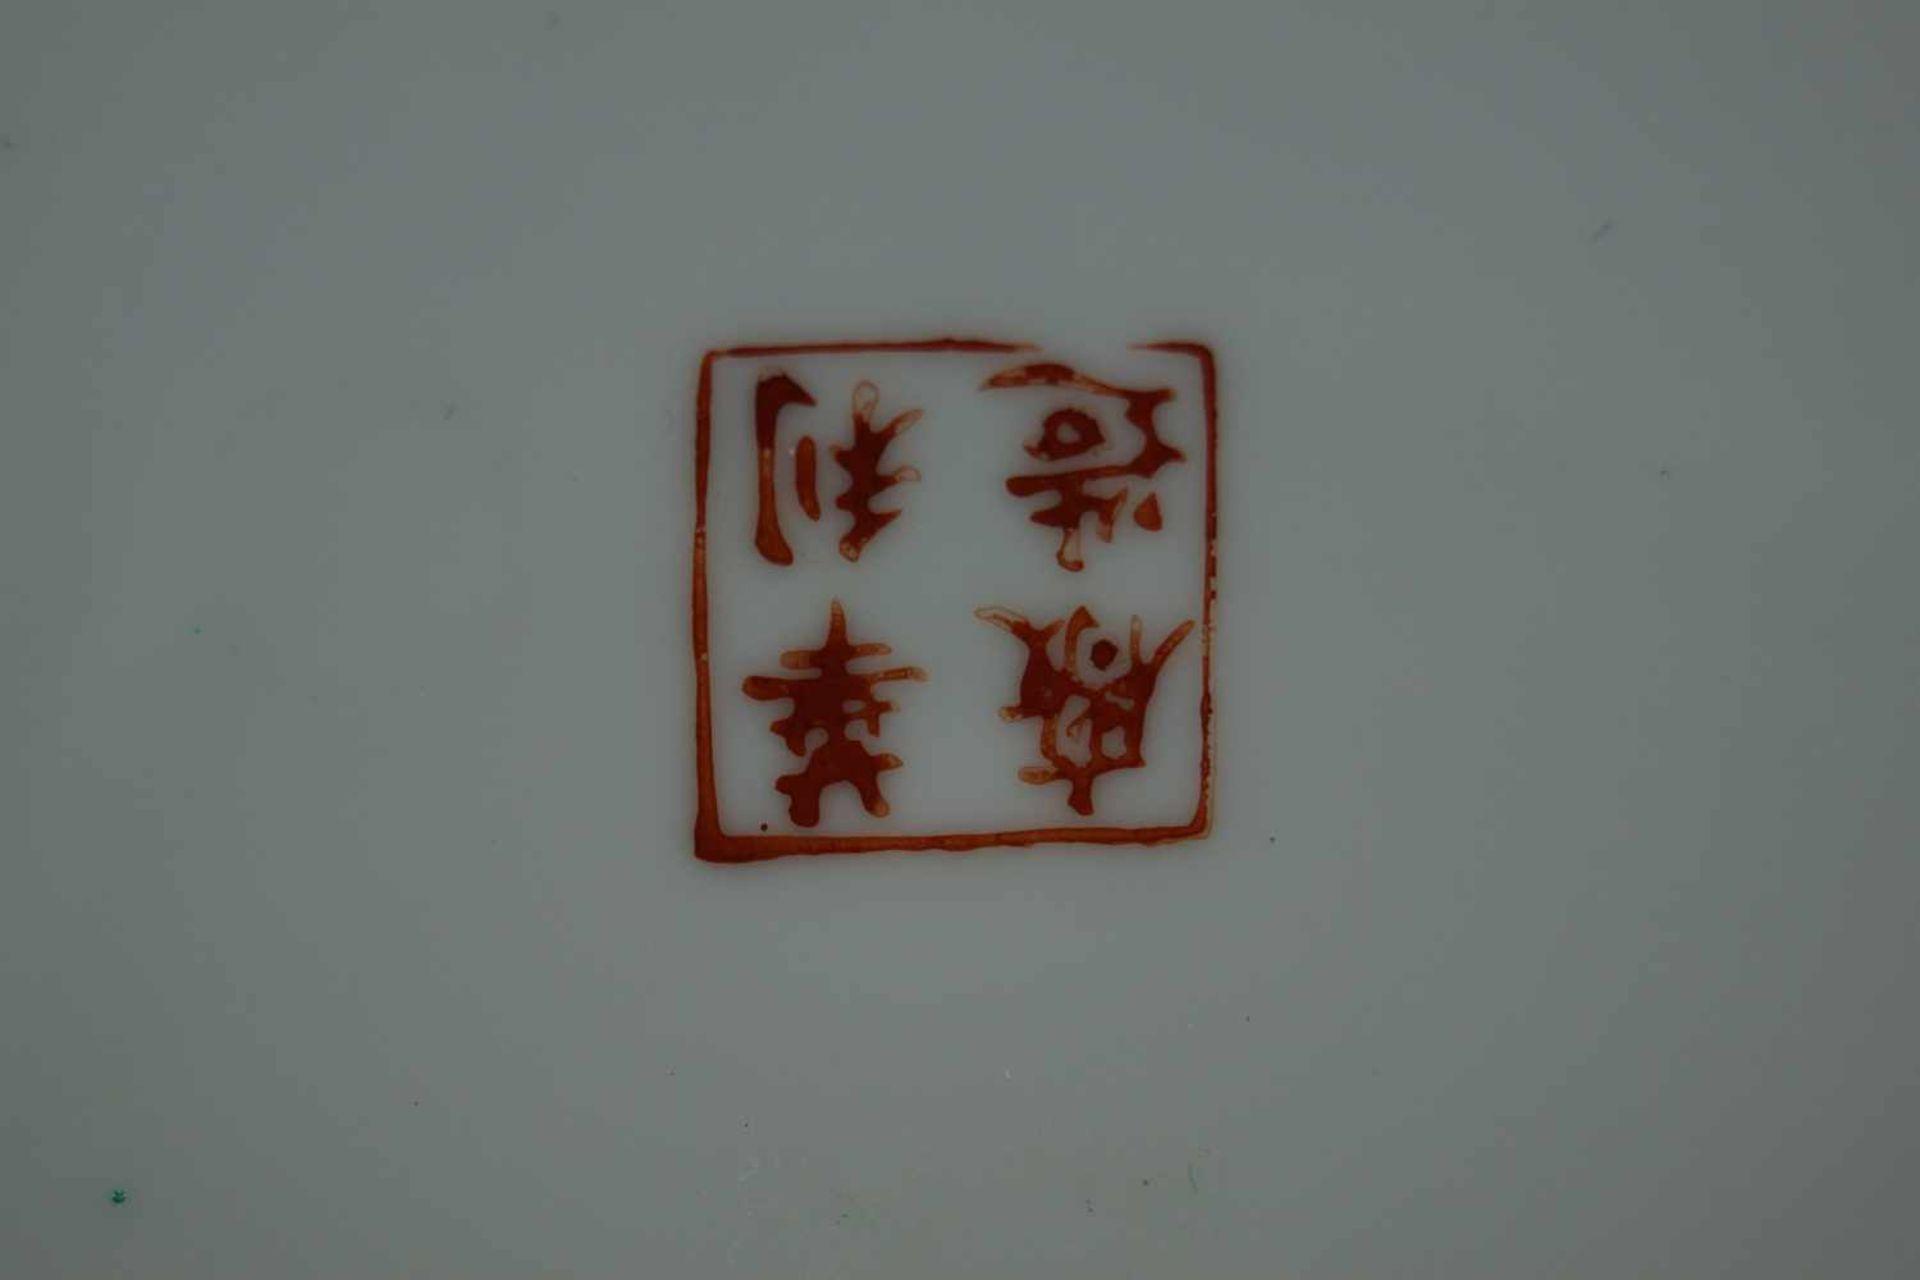 Teller, China Porzellan, Schmetterlinge, Obst und Blumen in Emailmalerei, Durchmesser 26 cm, in - Bild 2 aus 2